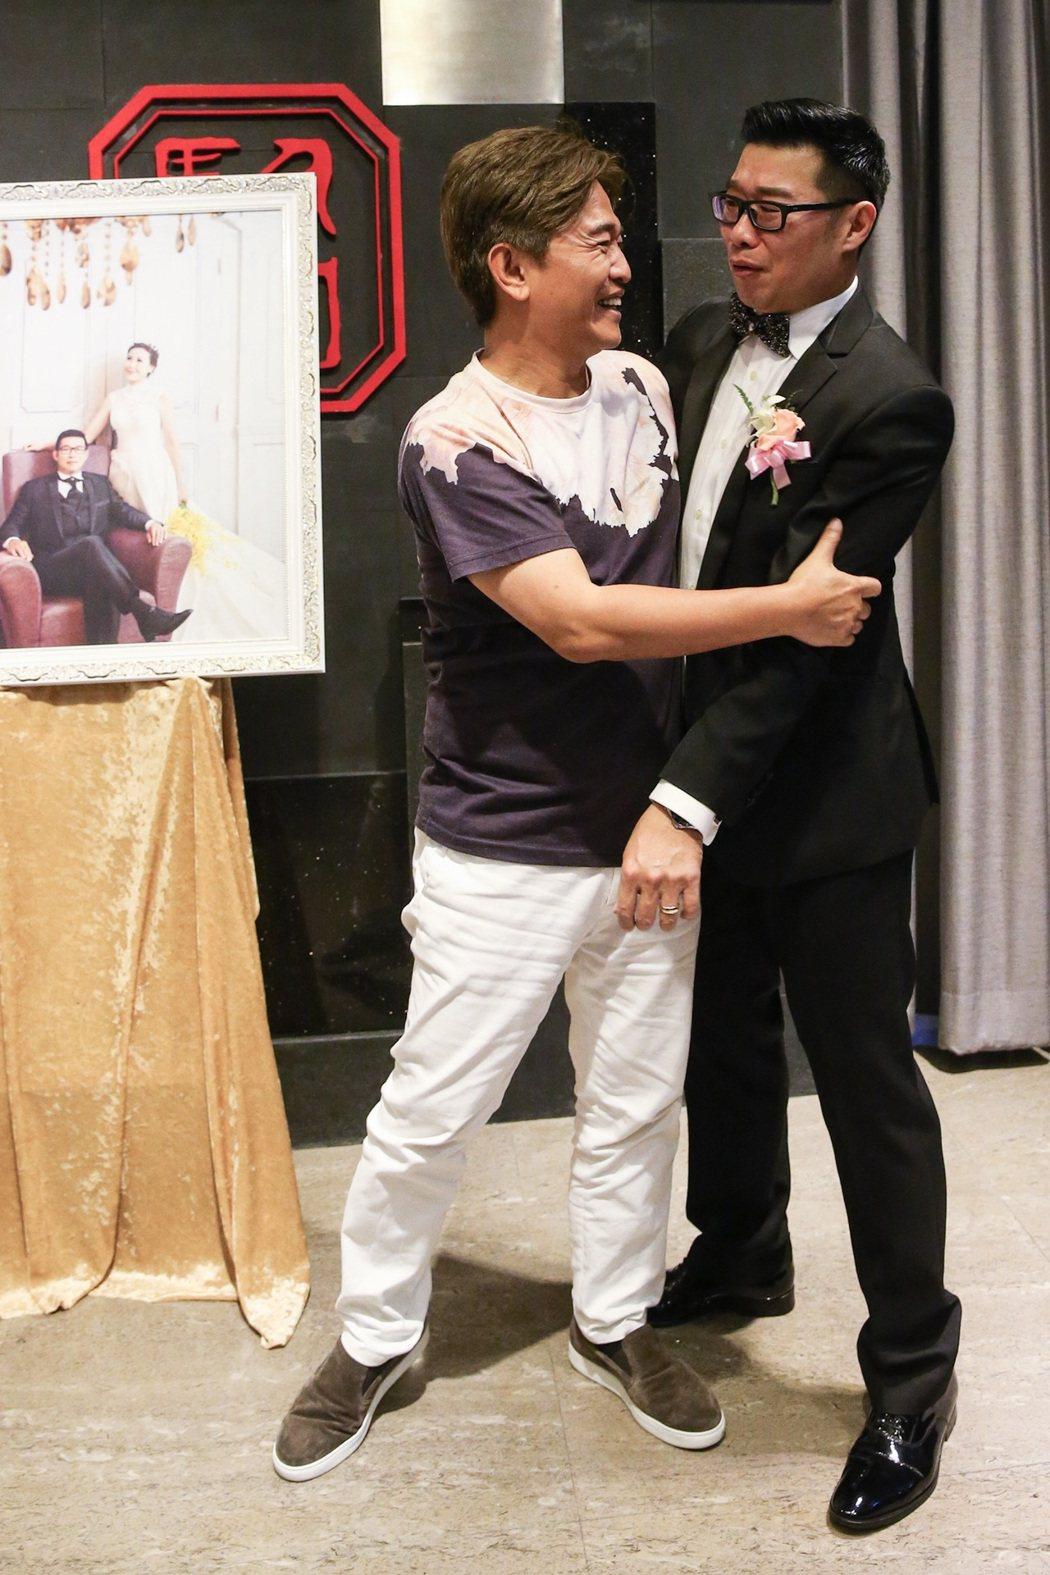 綜藝天王吳宗憲(左)出席馬力歐婚禮,讓馬力歐又驚又喜。記者王騰毅/攝影